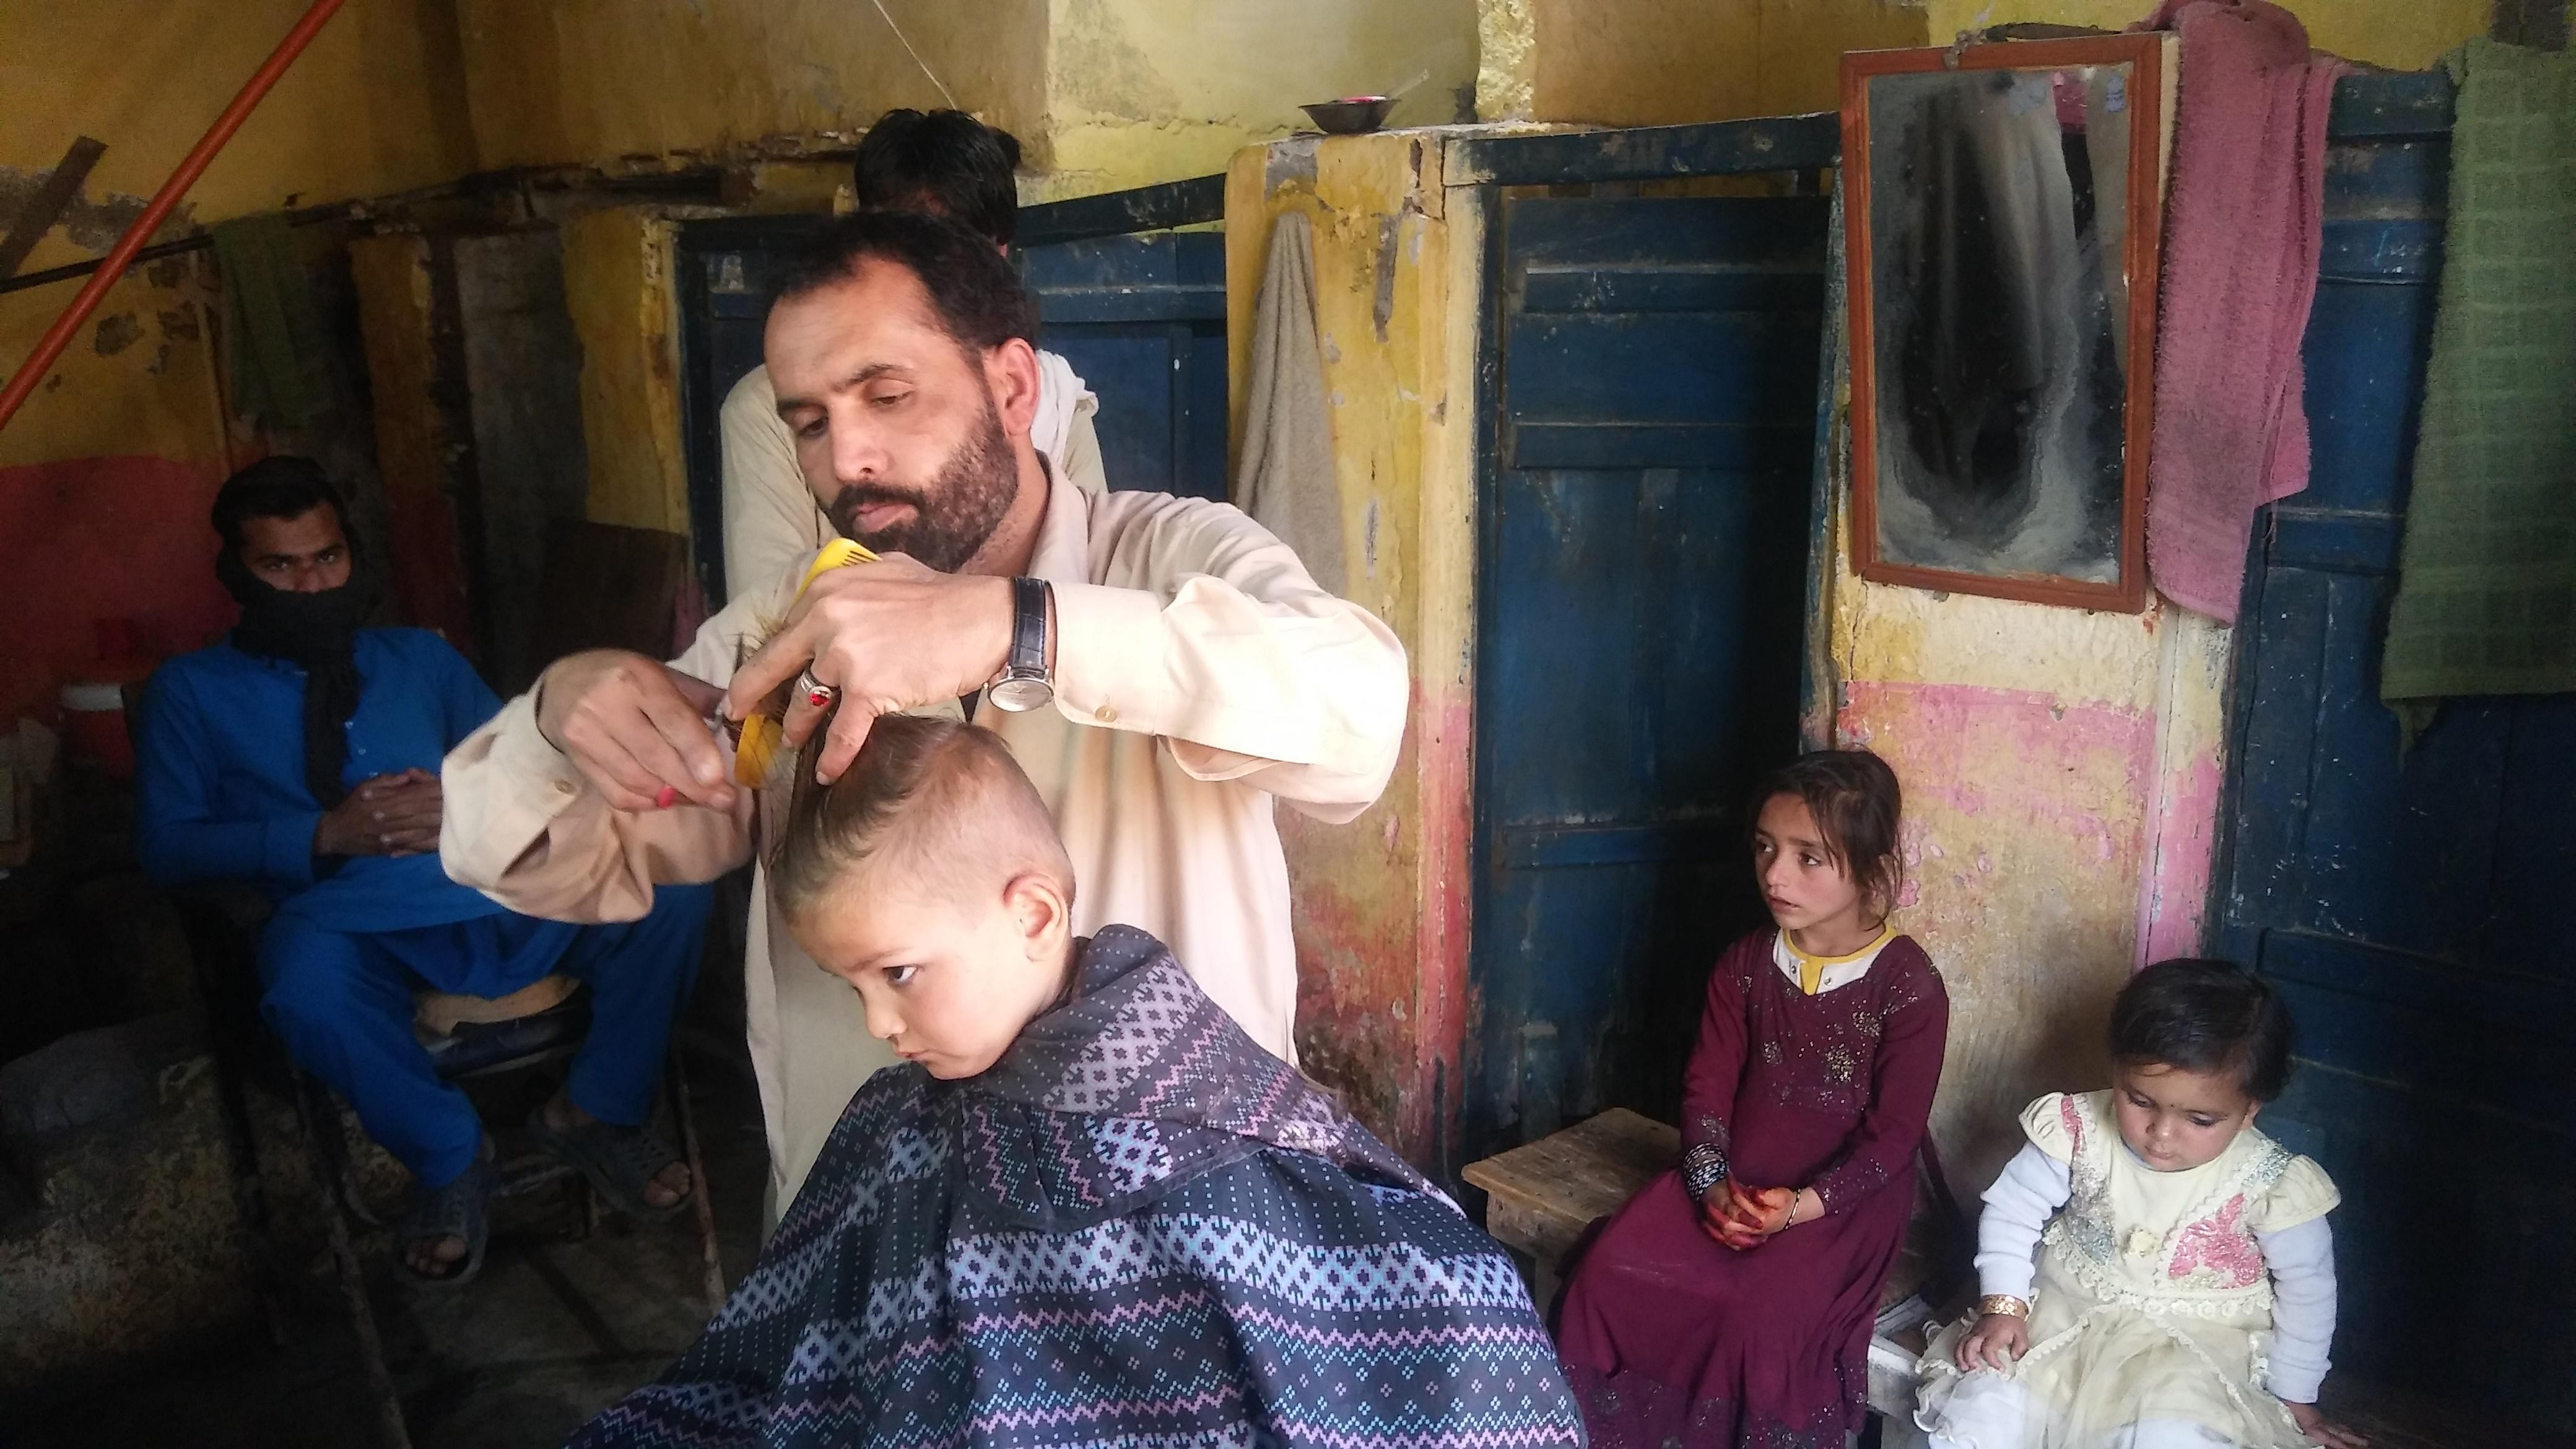 ہری پور کے کیمپ میں نائی ایک افغان بچے کے بال کاٹ رہا ہے۔ تصویر امداد حسین